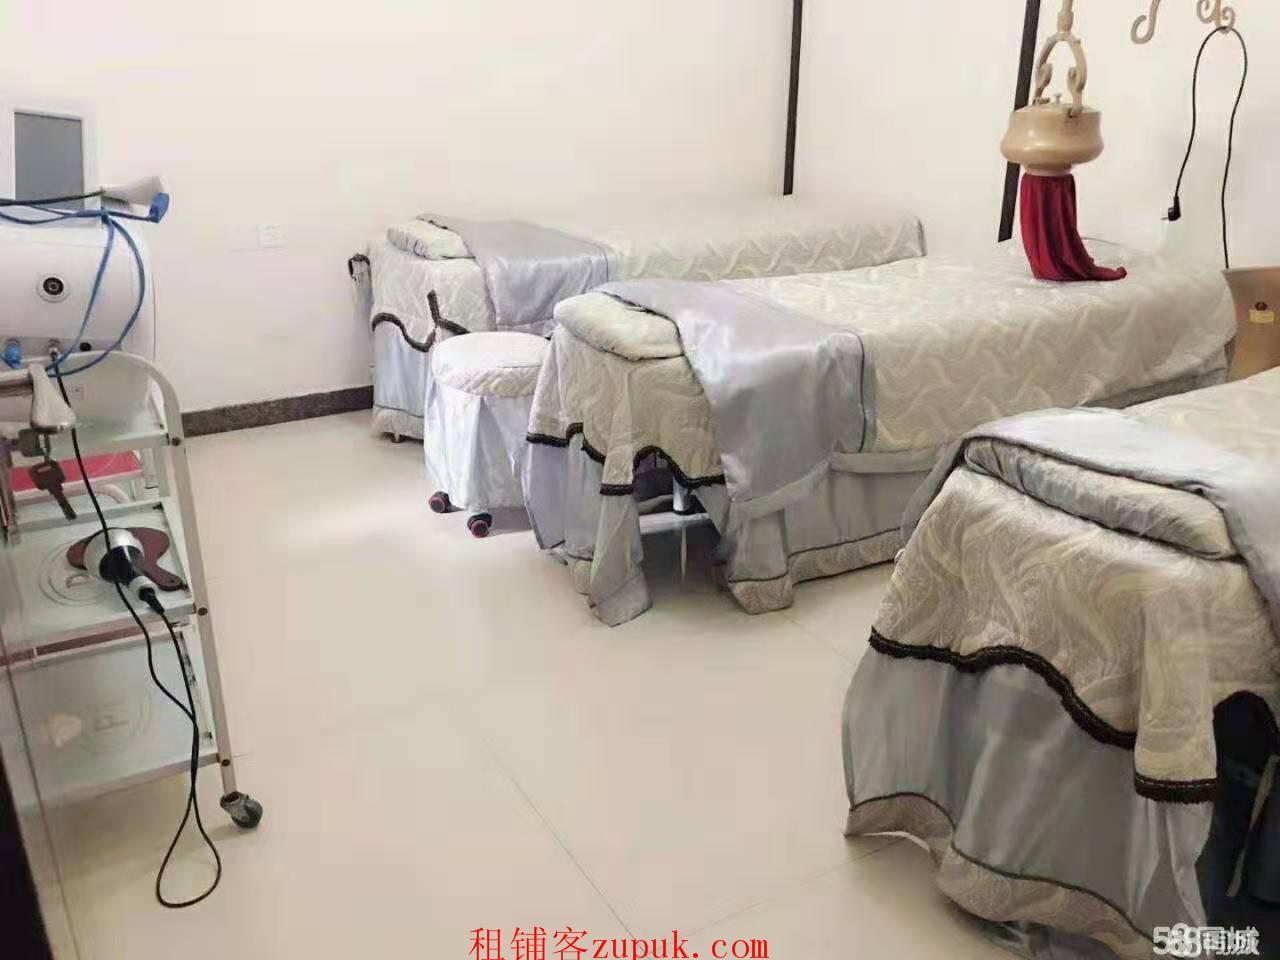 (转让) 锦艺城盈利中美容院转让有稳定客源